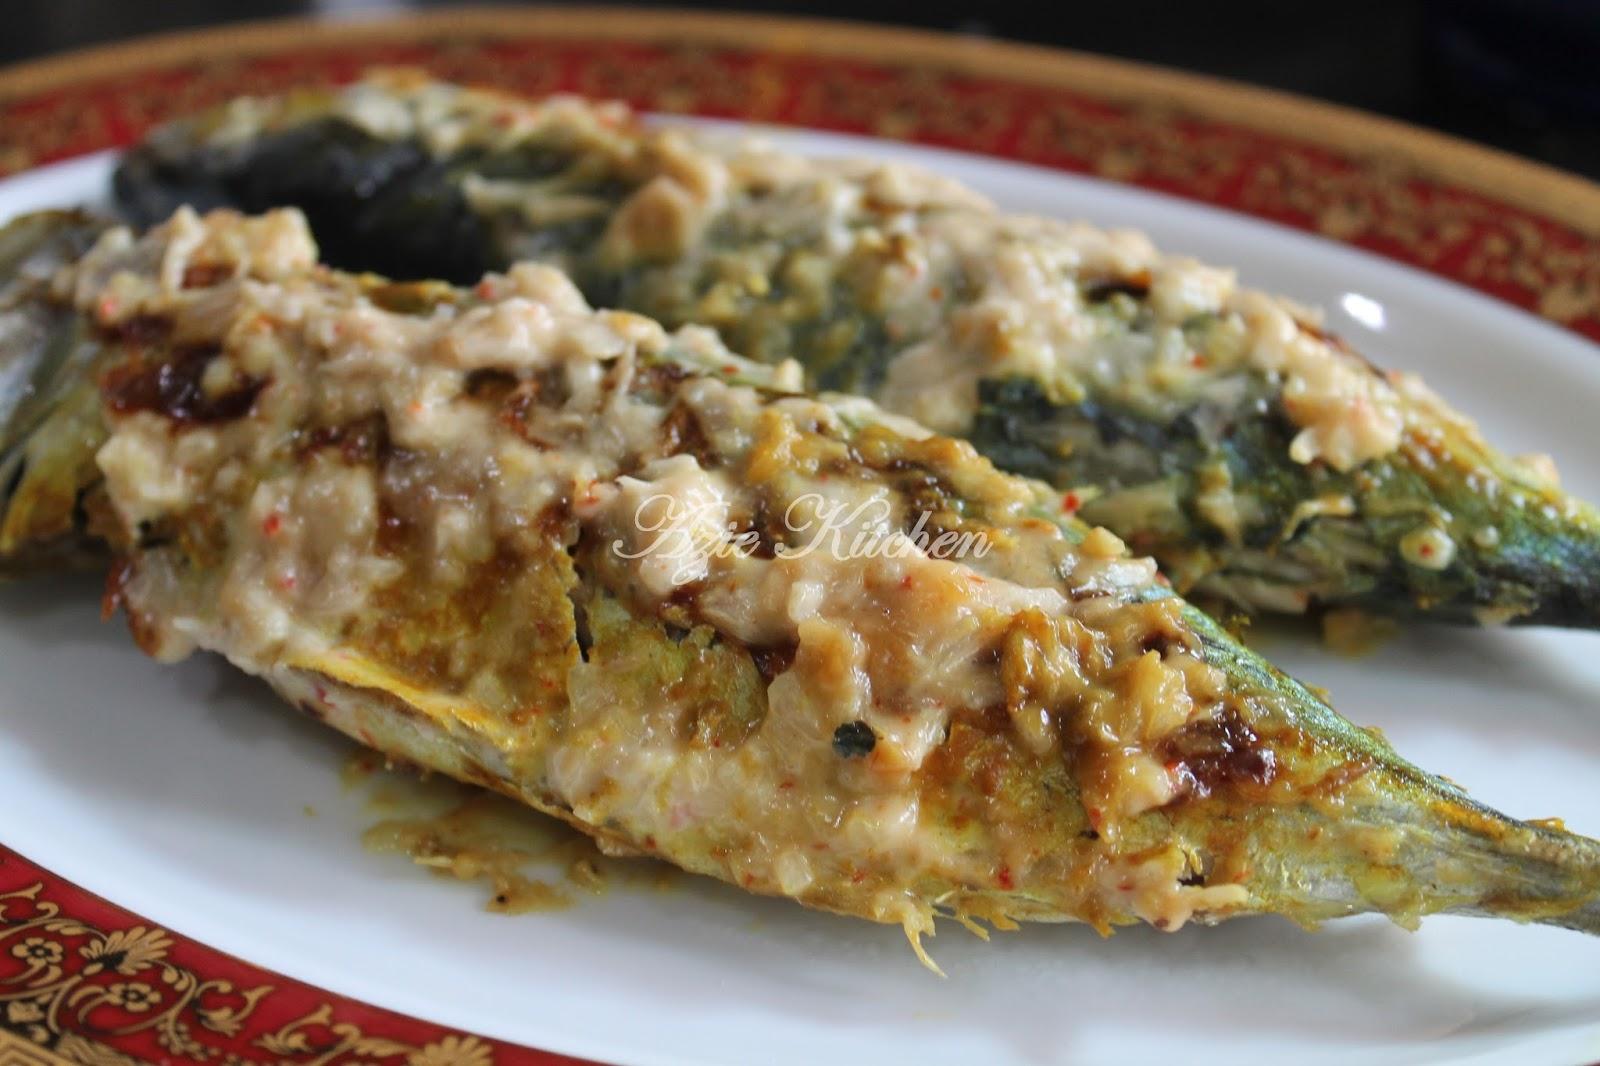 resepi ikan kembung percik resepi ikan percik sedap  simple ikan kembung selar pepes Resepi Ikan Selar Masak Pedas Enak dan Mudah